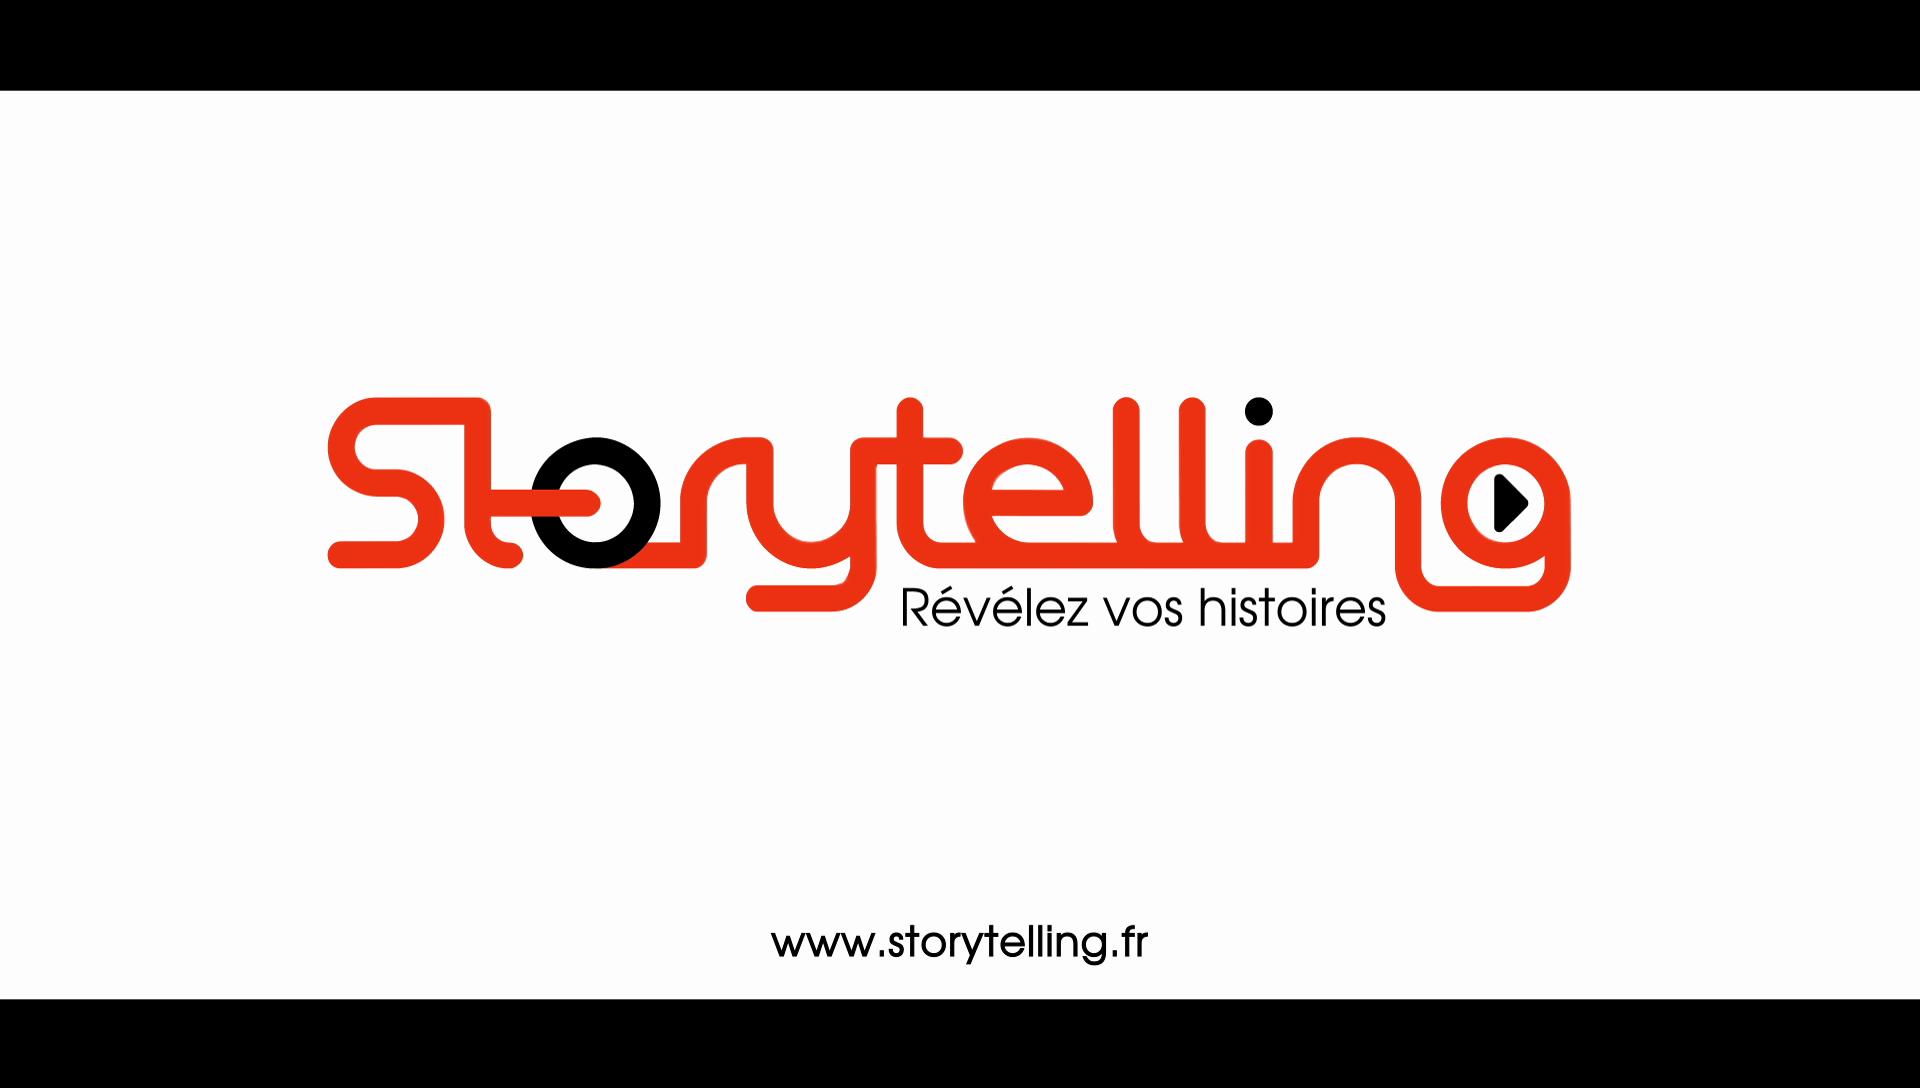 Storytelling_05